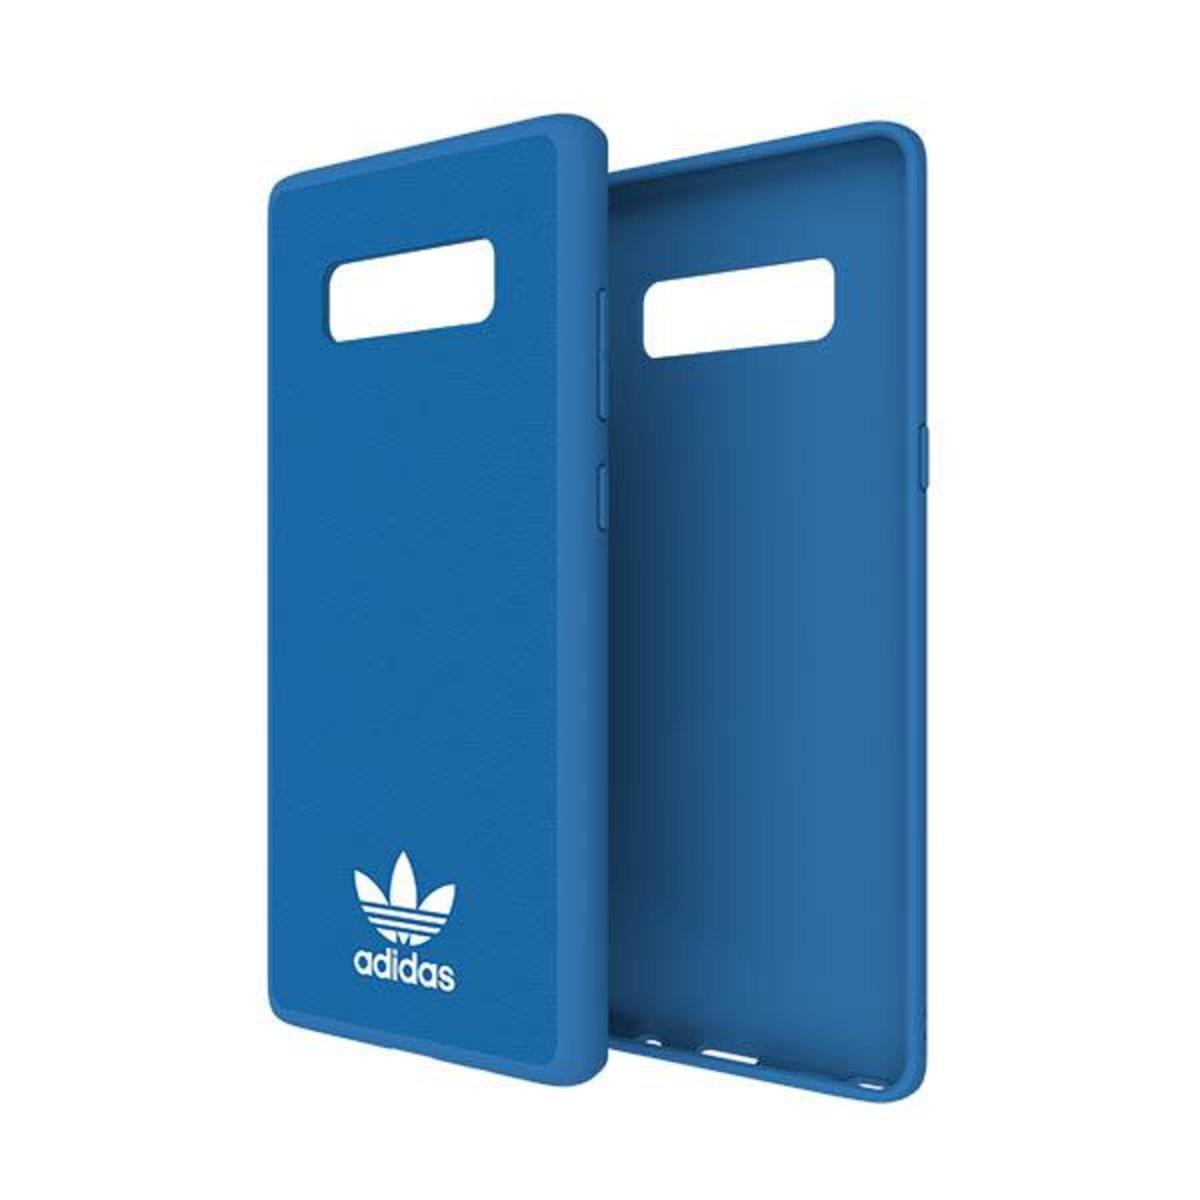 Originals Samsung Galaxy Note 8 保護殼 - 藍